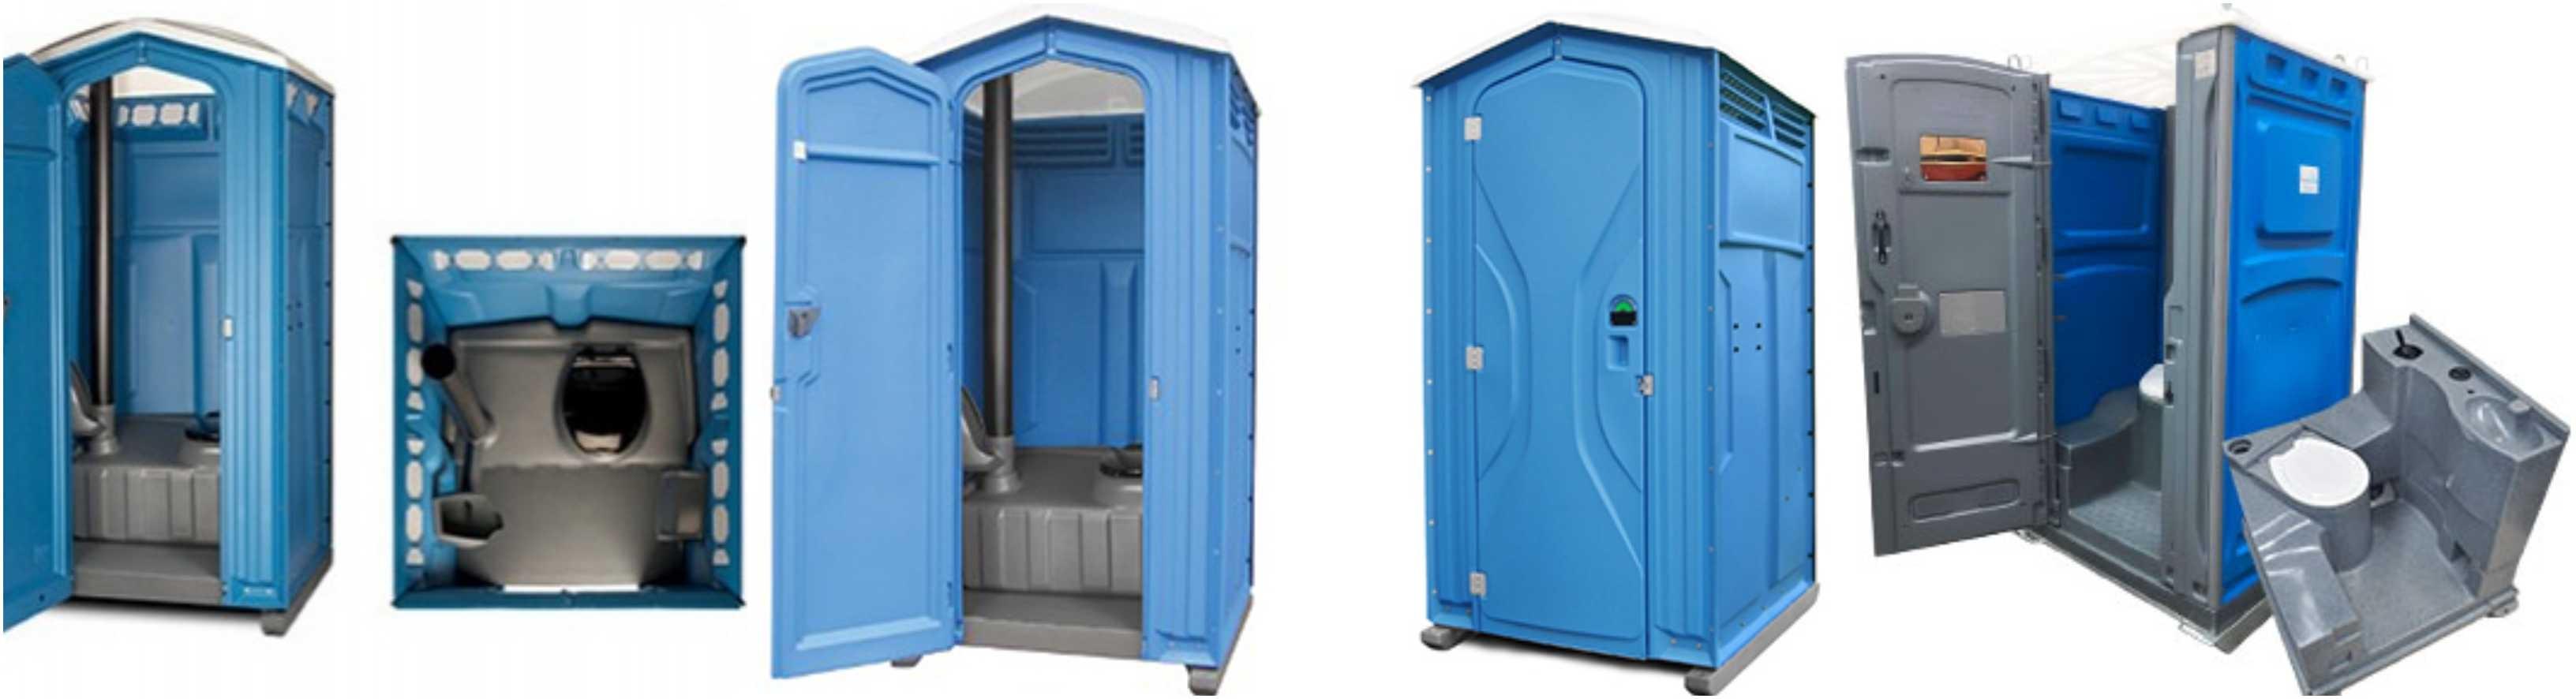 inchirieri toalete ecologice oradea